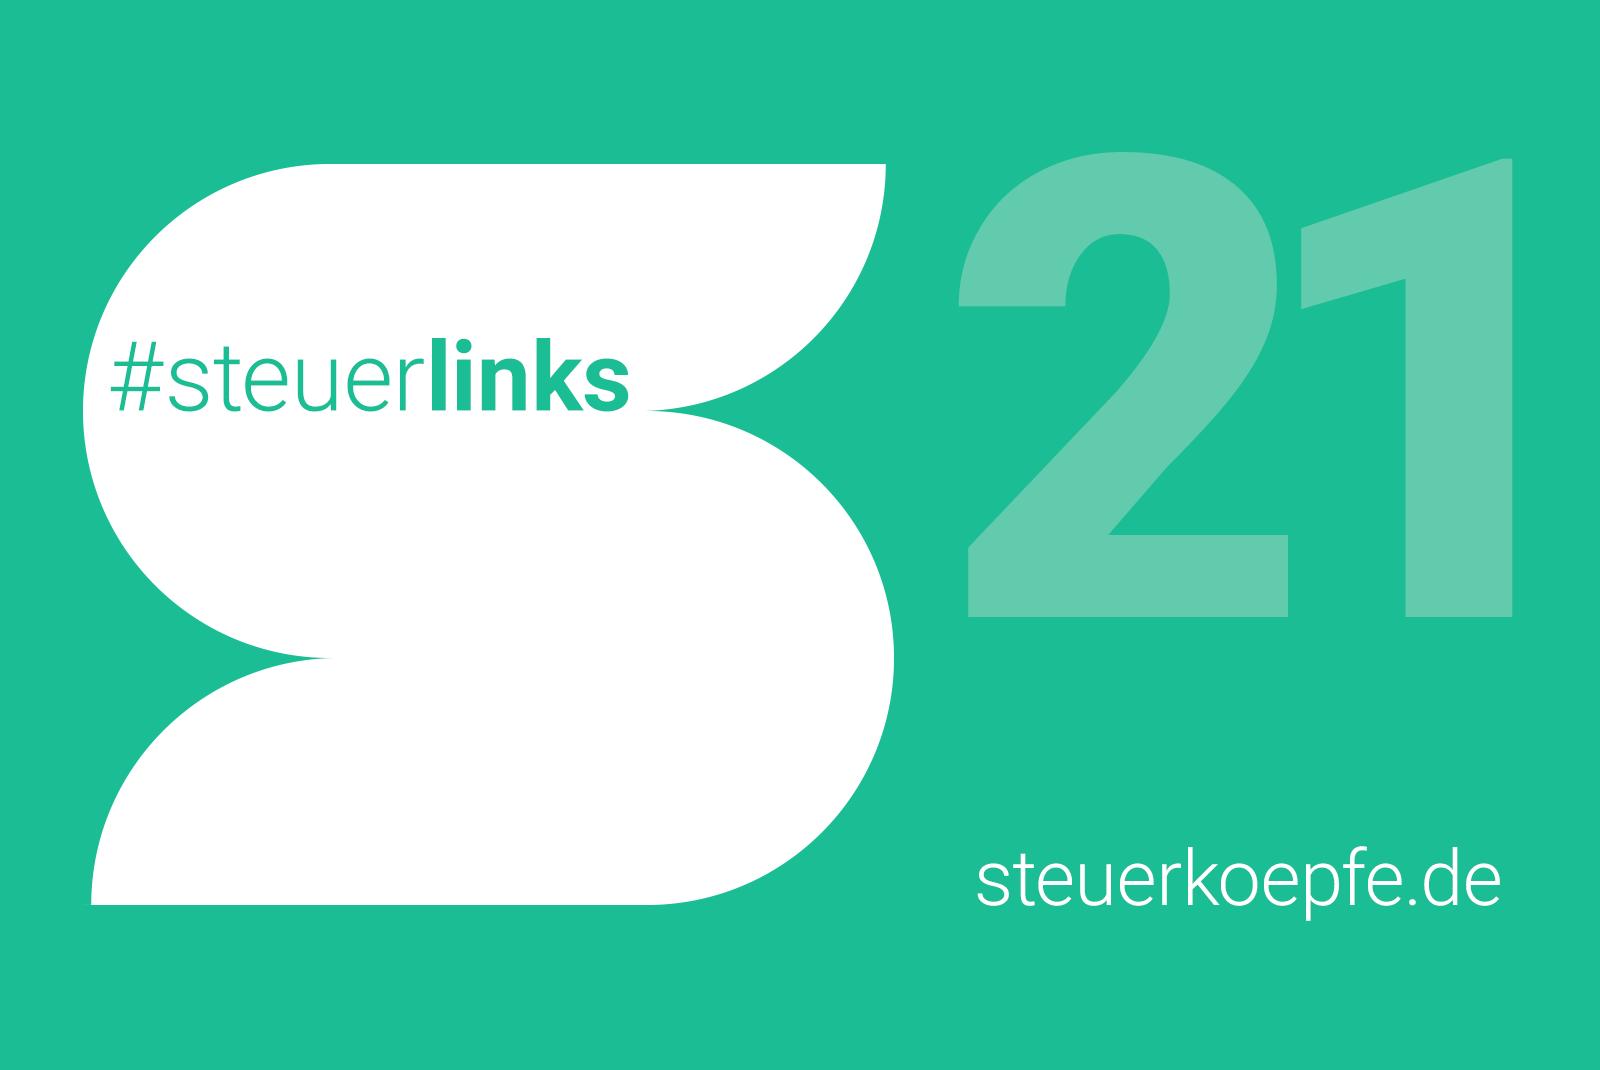 #steuerlinks 21. KW - Steuerköpfe